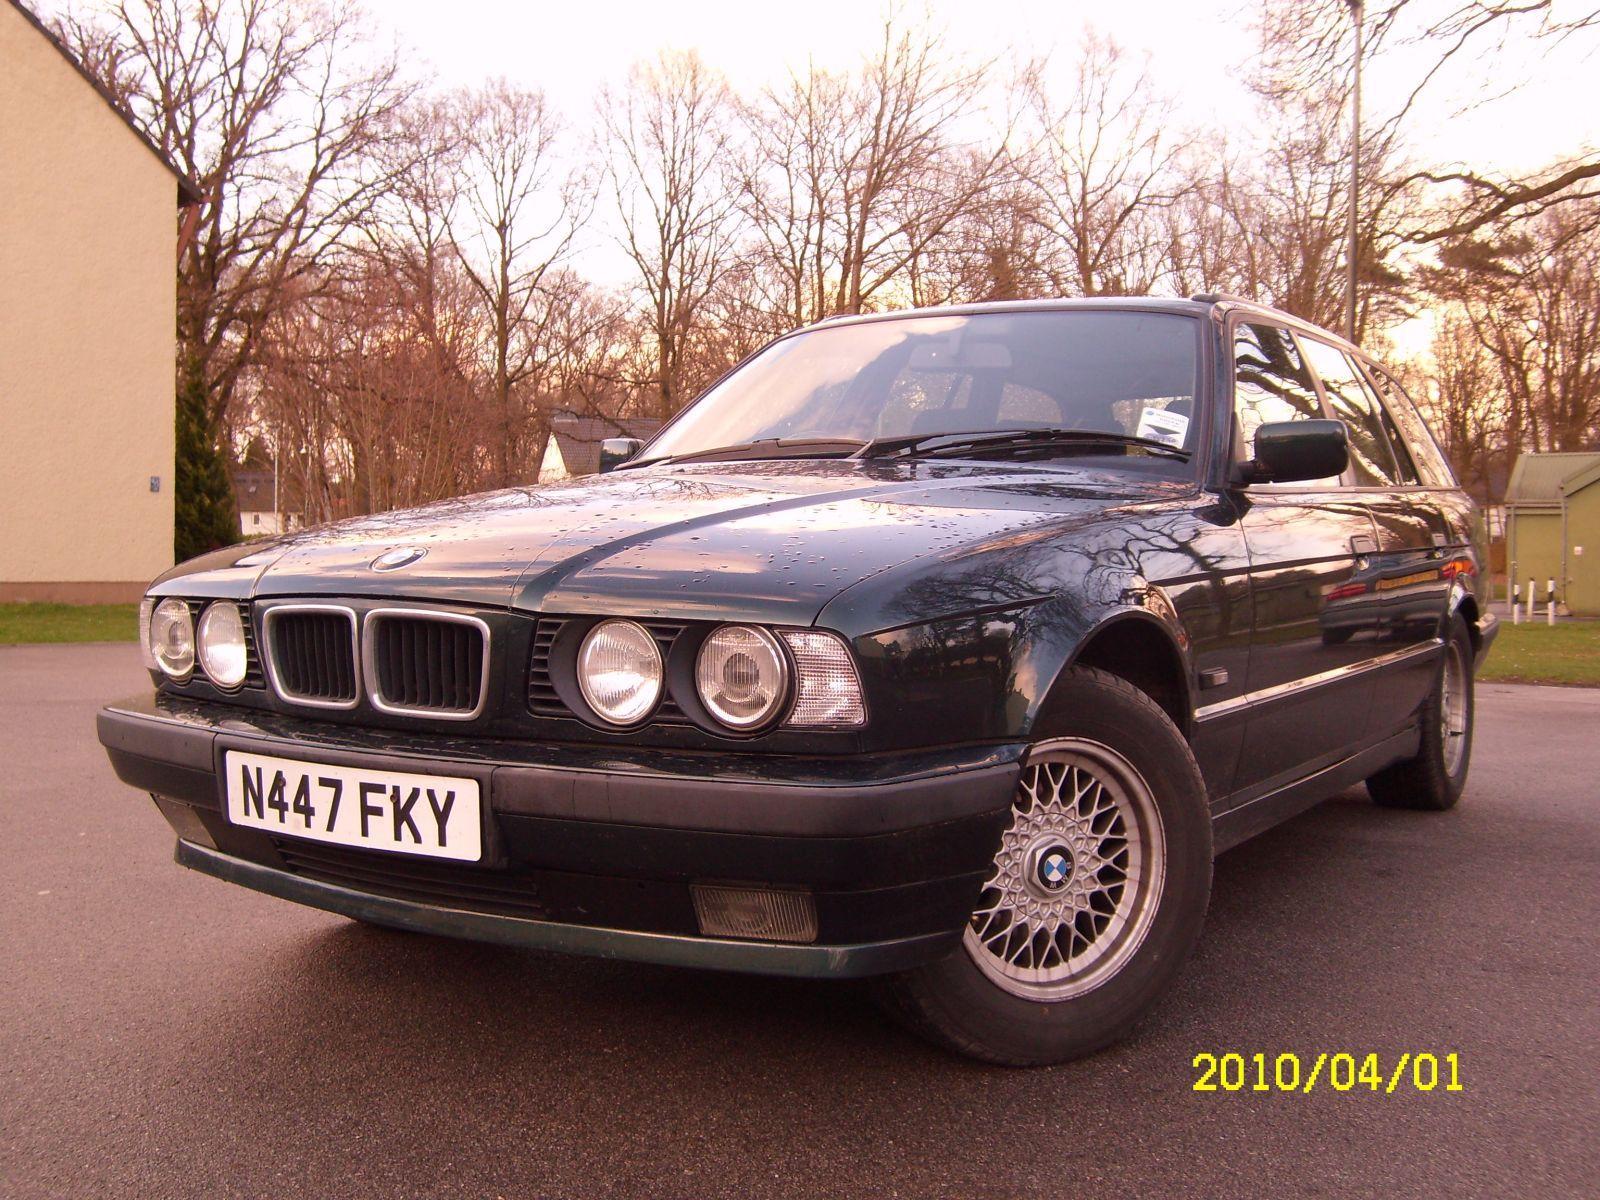 My E34 520 Touring